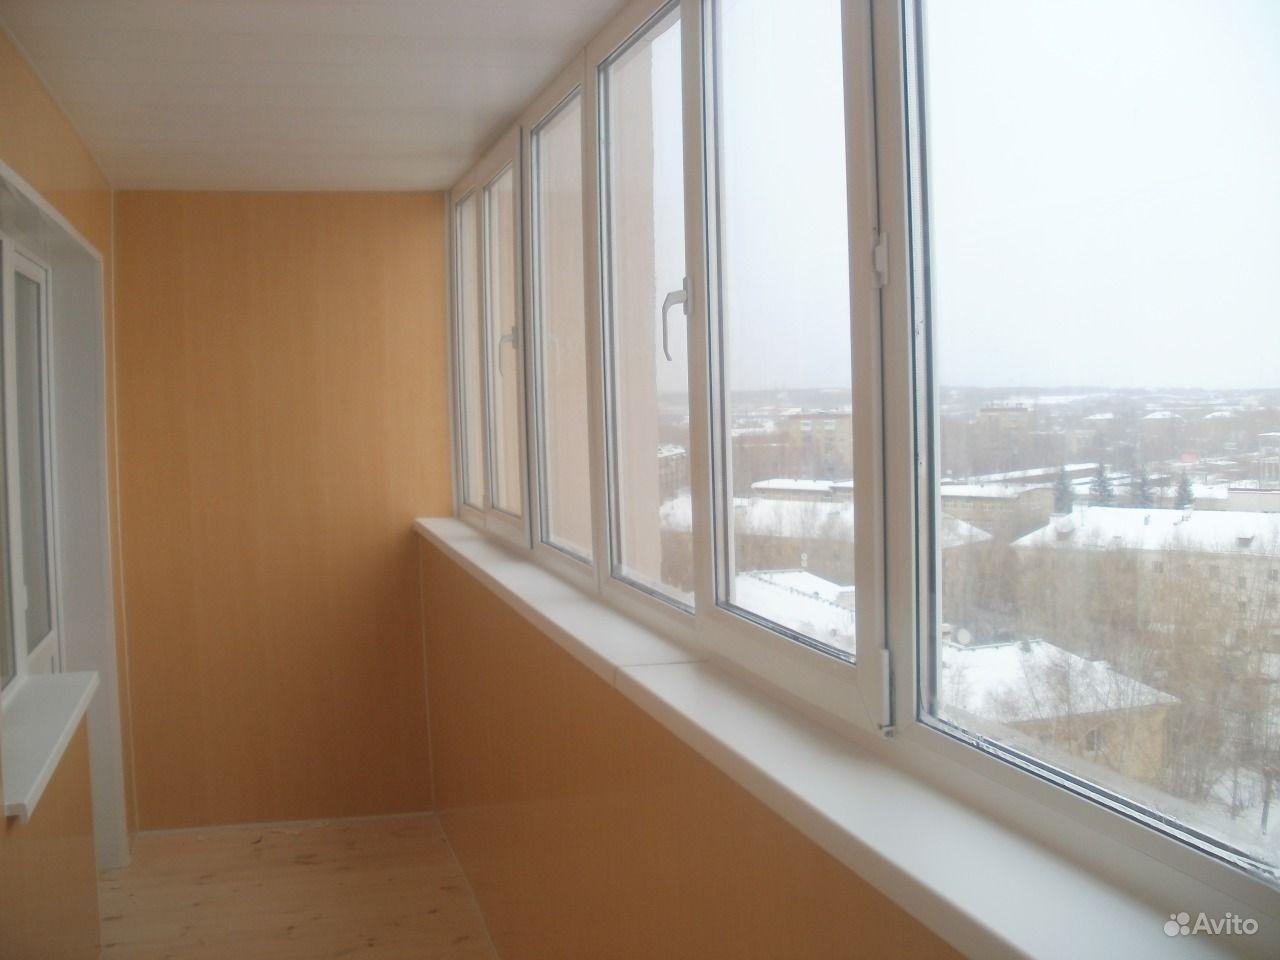 Присоединение остекление балконов и лоджий цена в москве. - .